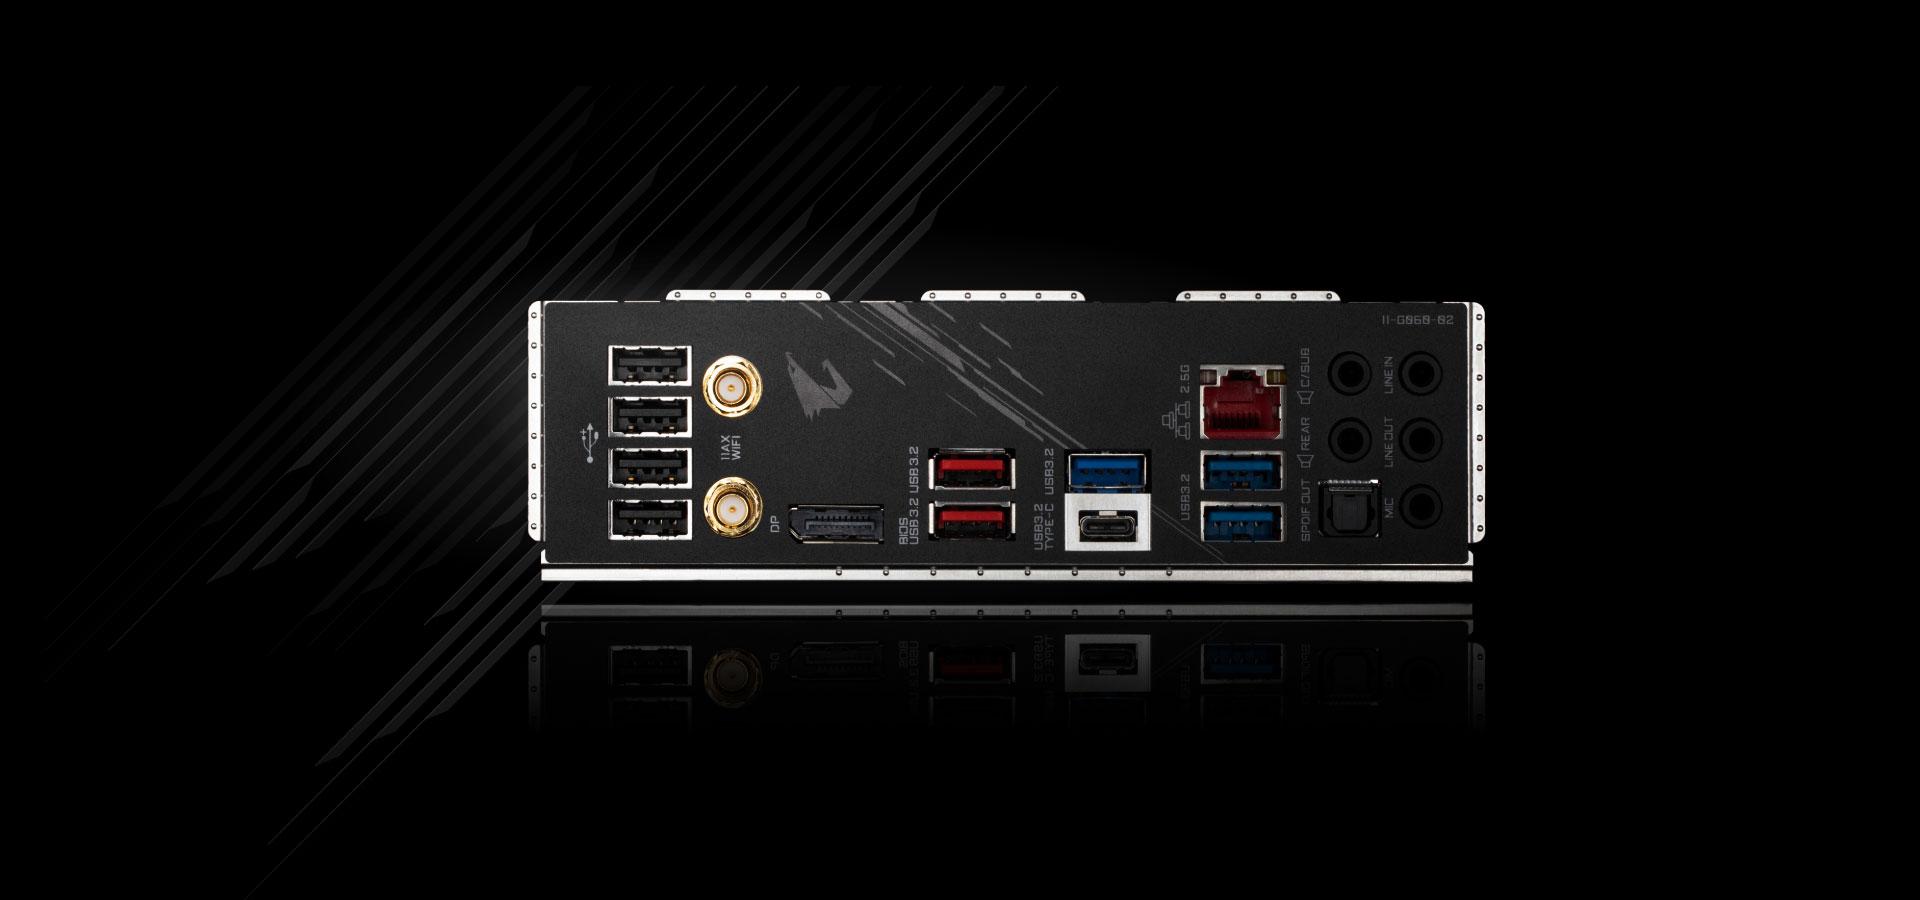 Gigabyte Z590 AORUS ELITE AX (rev. 1.0) Motherboard 22